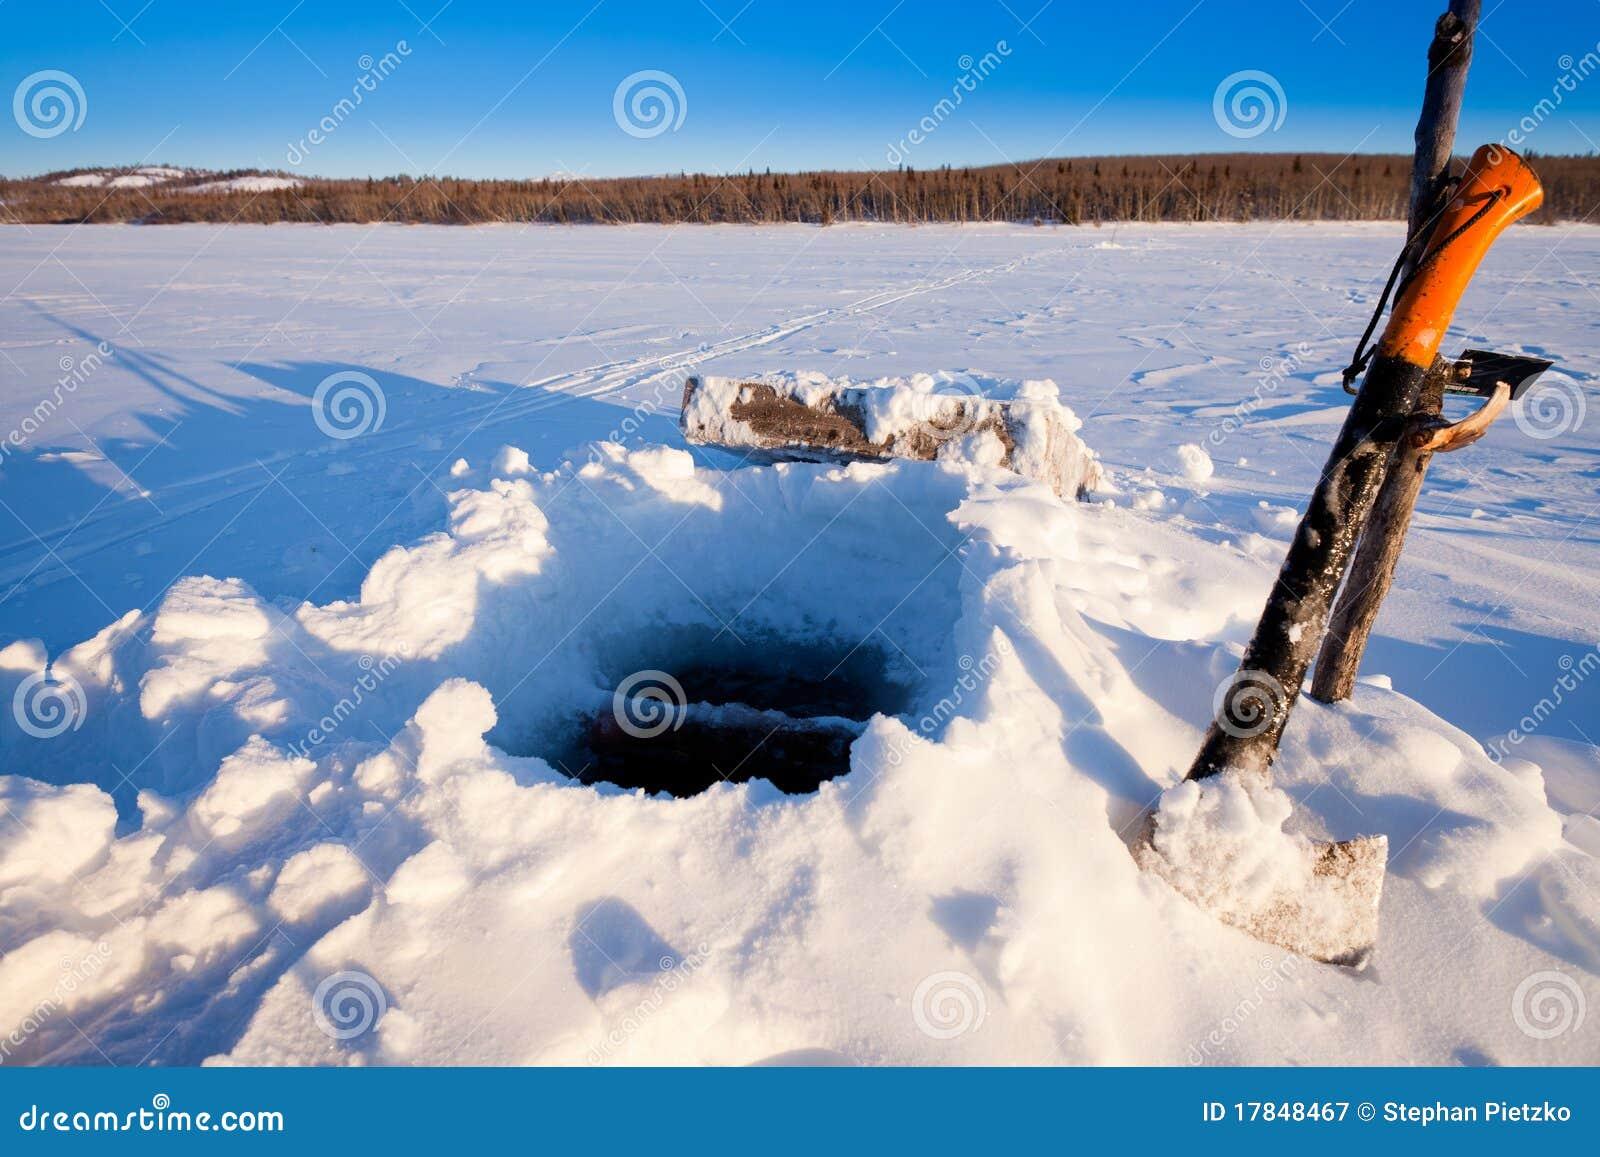 Ice fishing hole royalty free stock photography image for Ice fishing hole